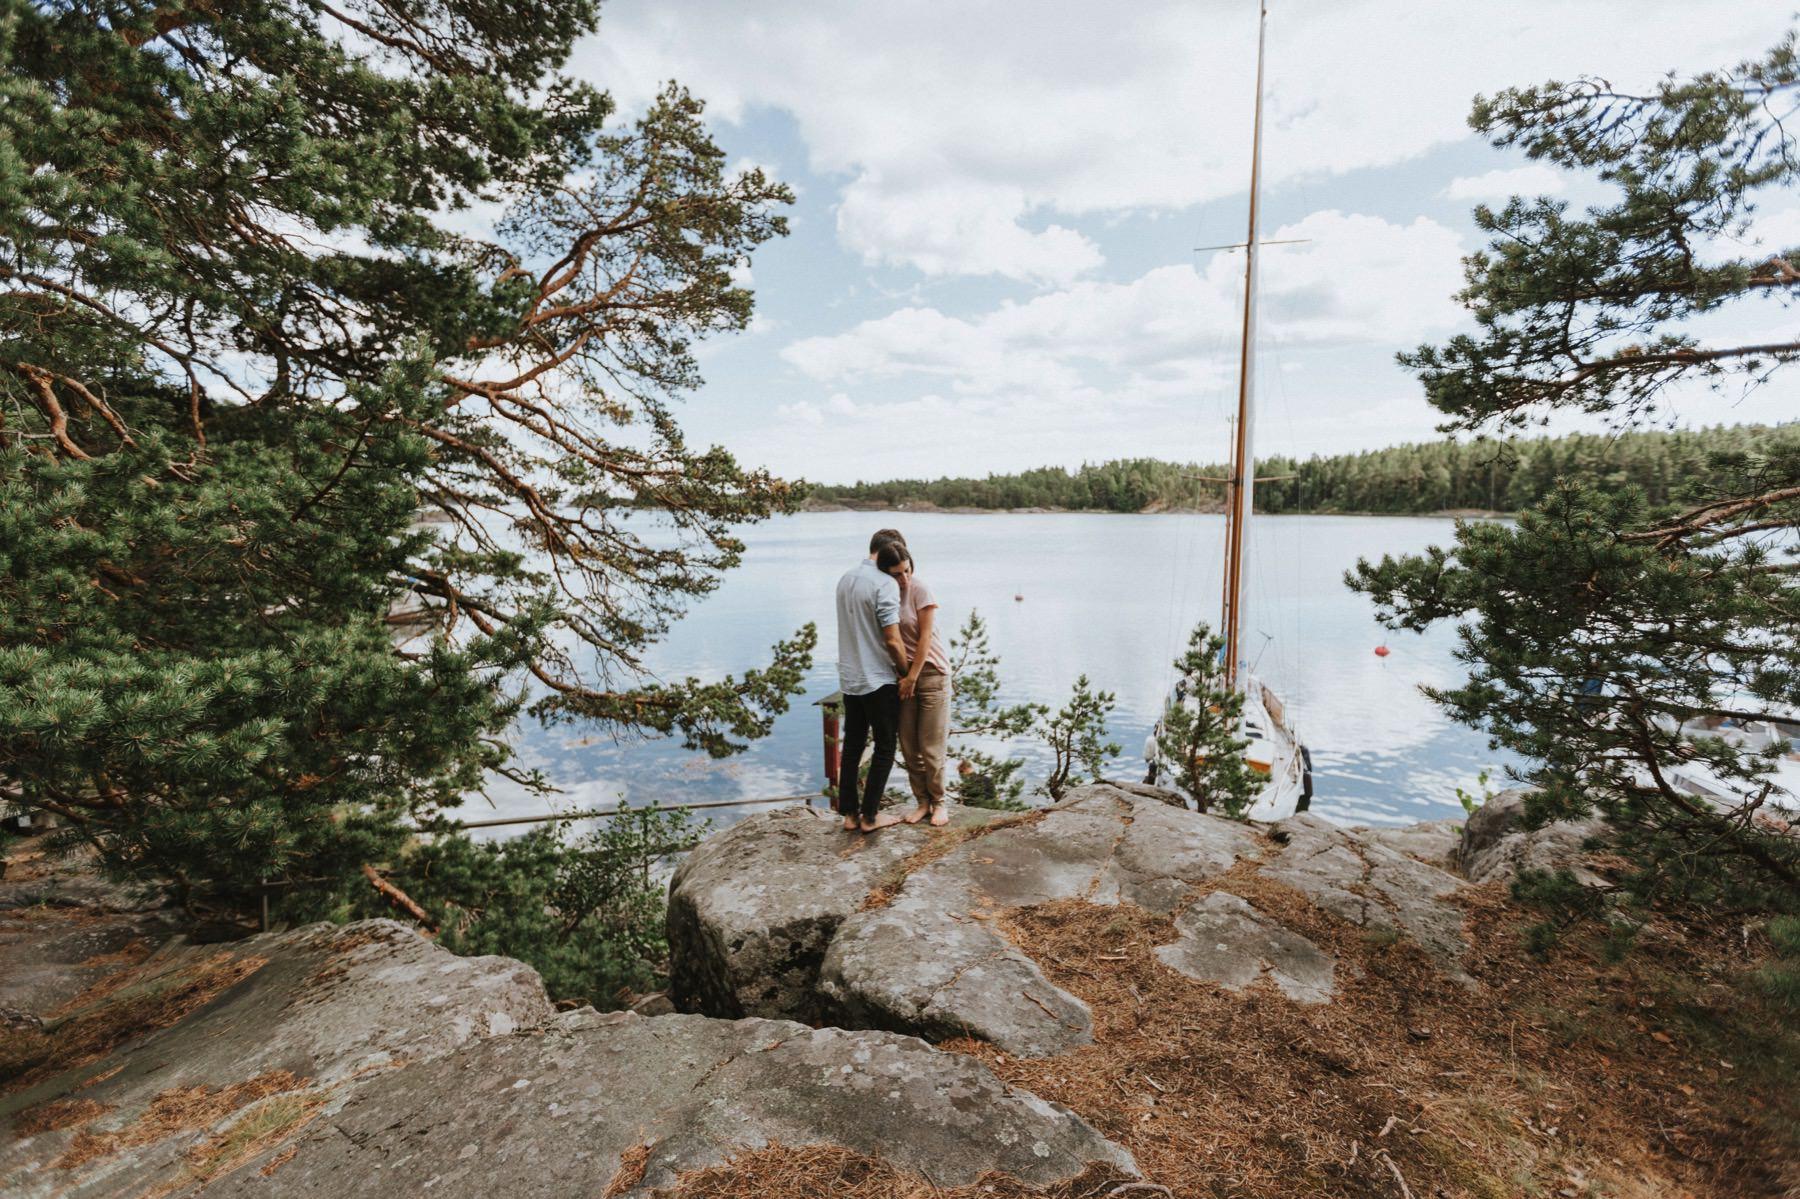 archipelago sea photo session